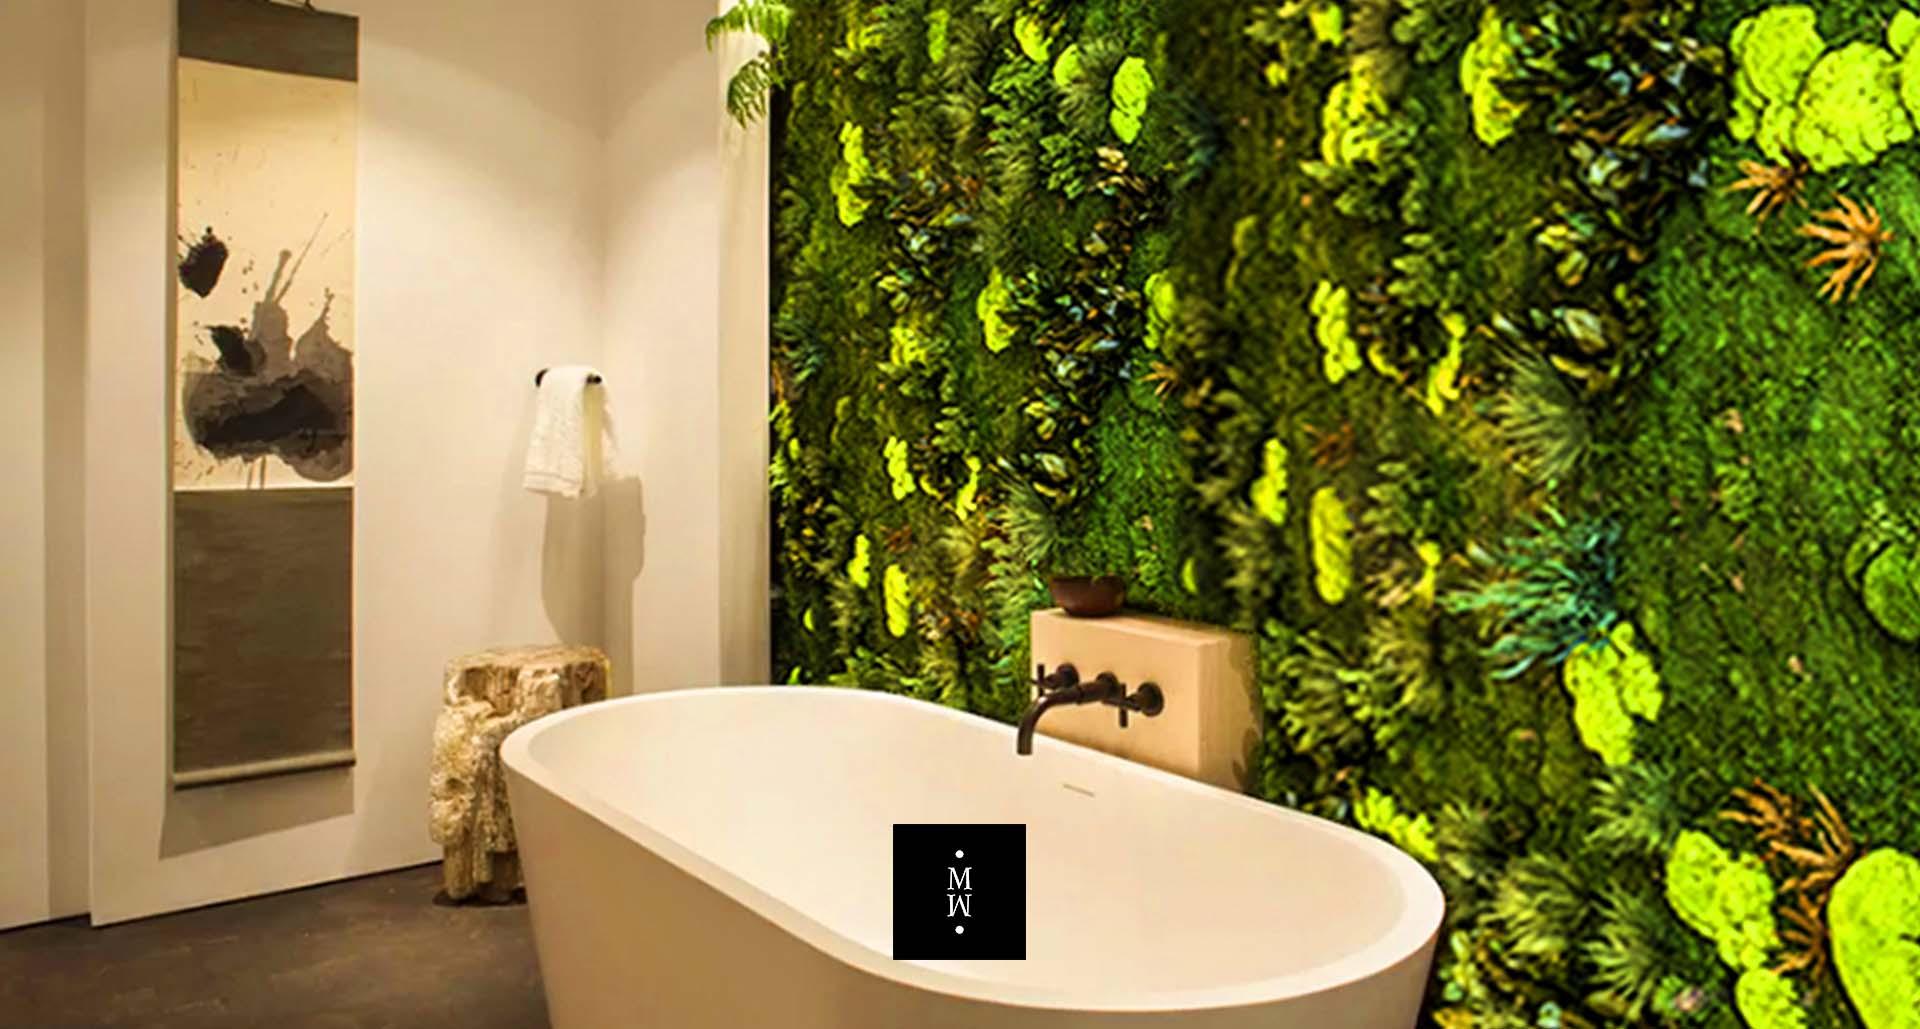 Dschungelmooswand im Badezimmer